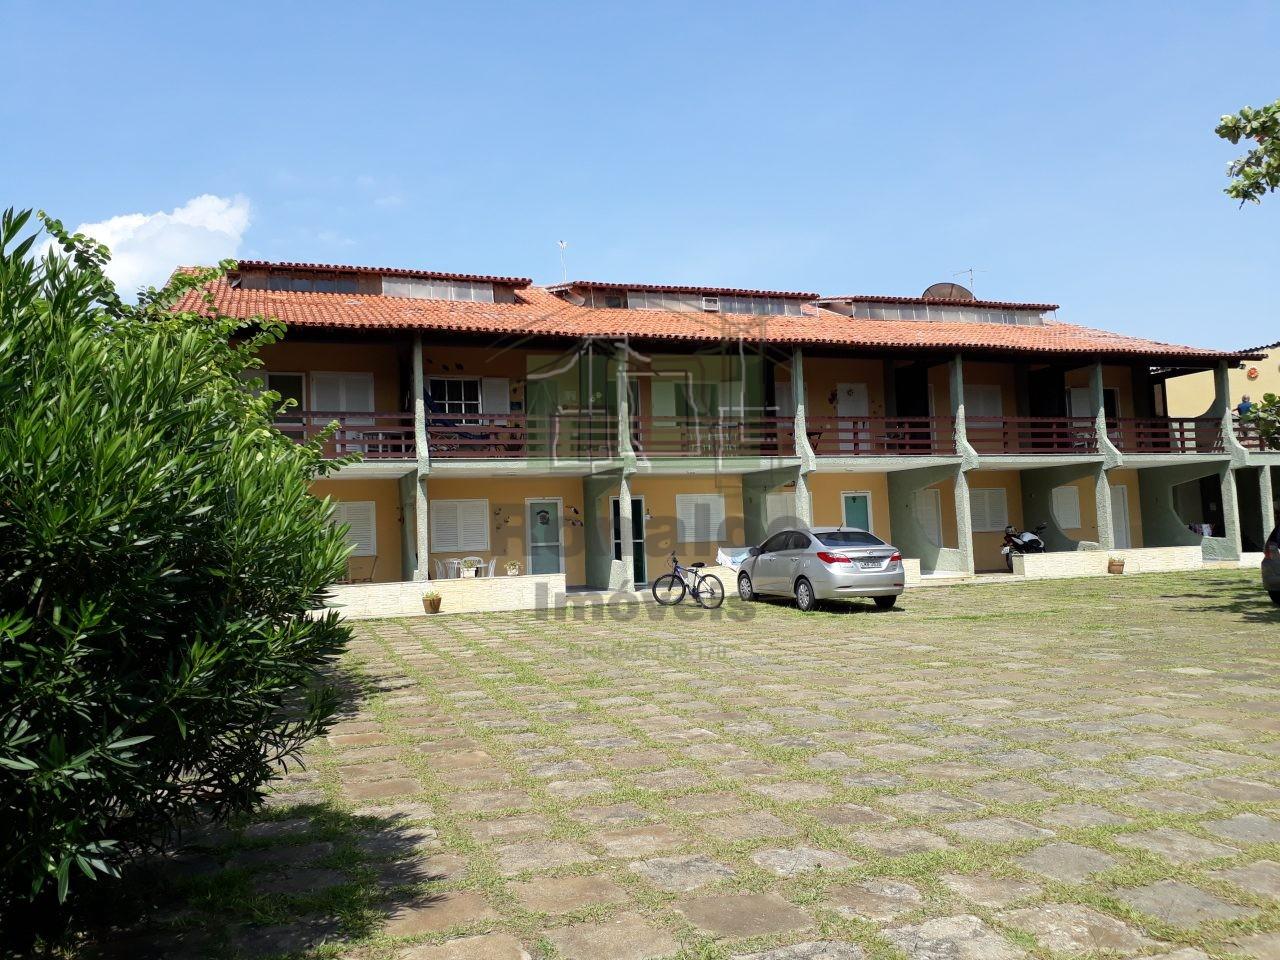 R155 – Apartamento em condomínio, 02 quartos /  01 suíte,  Peró – CaboFrio – RJ